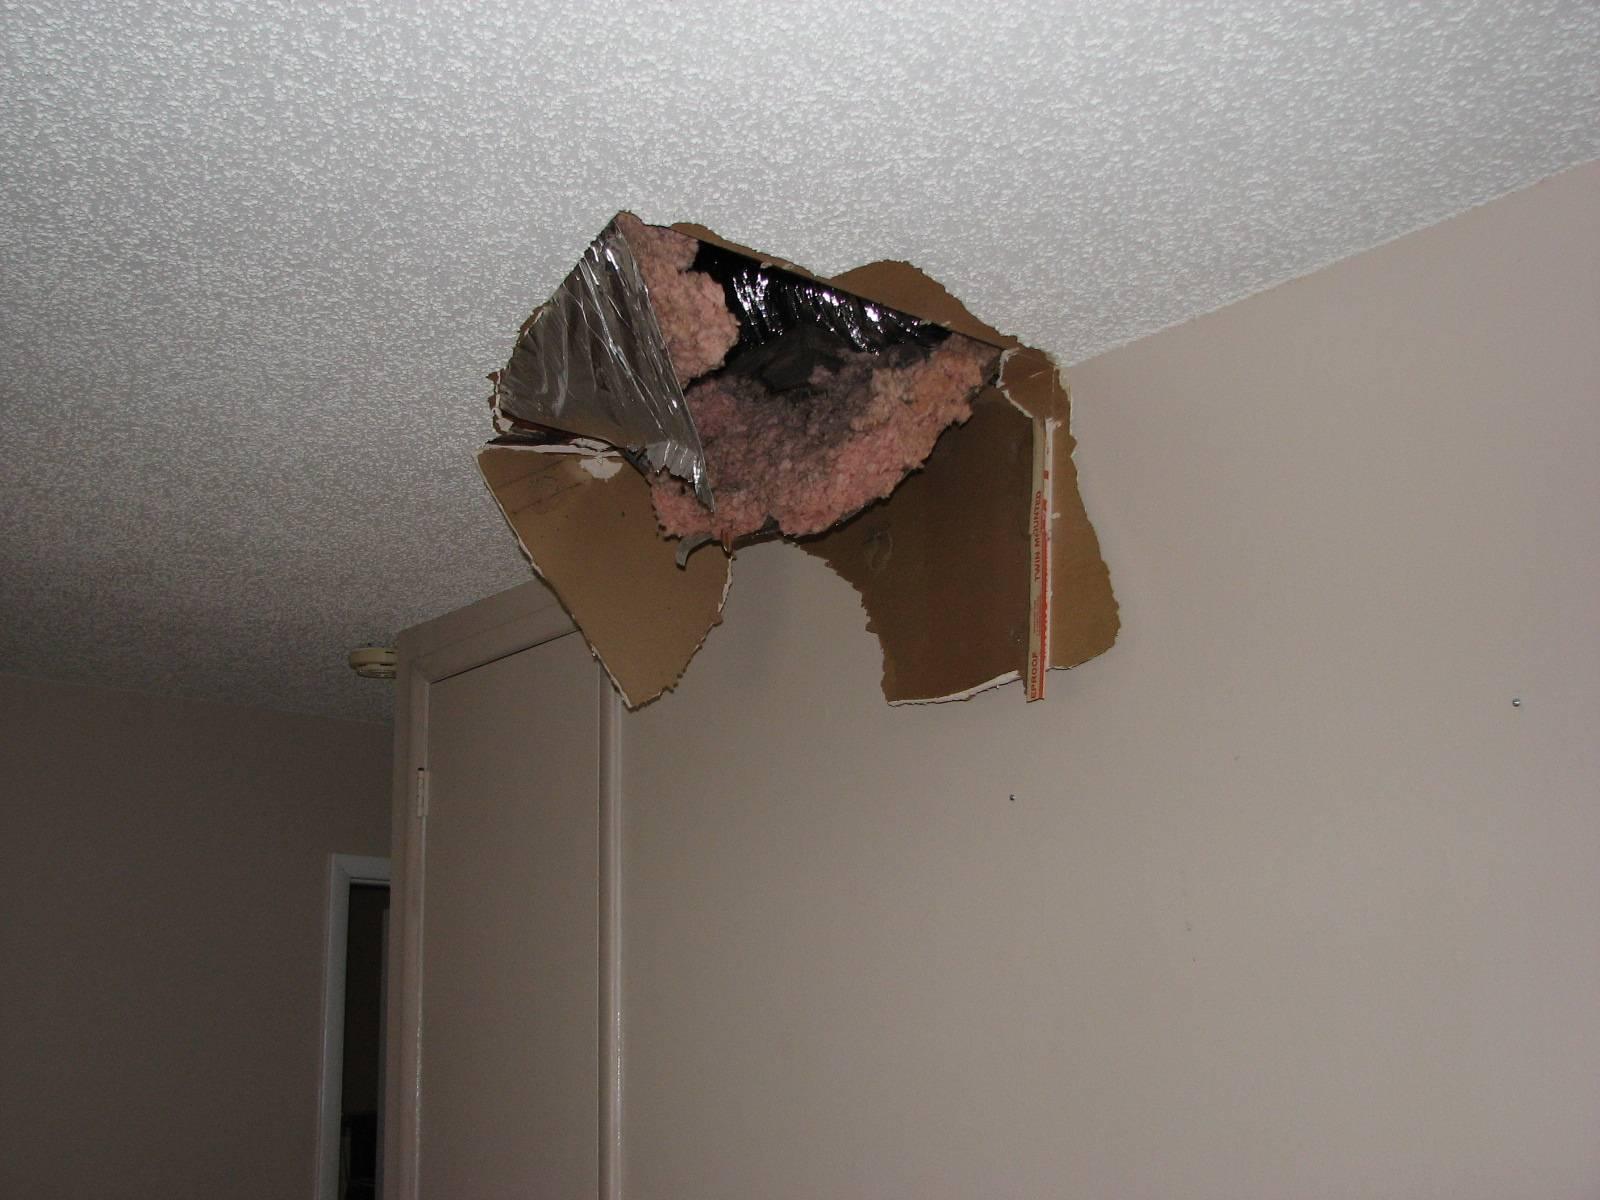 Мышь в натяжном потолке что делать